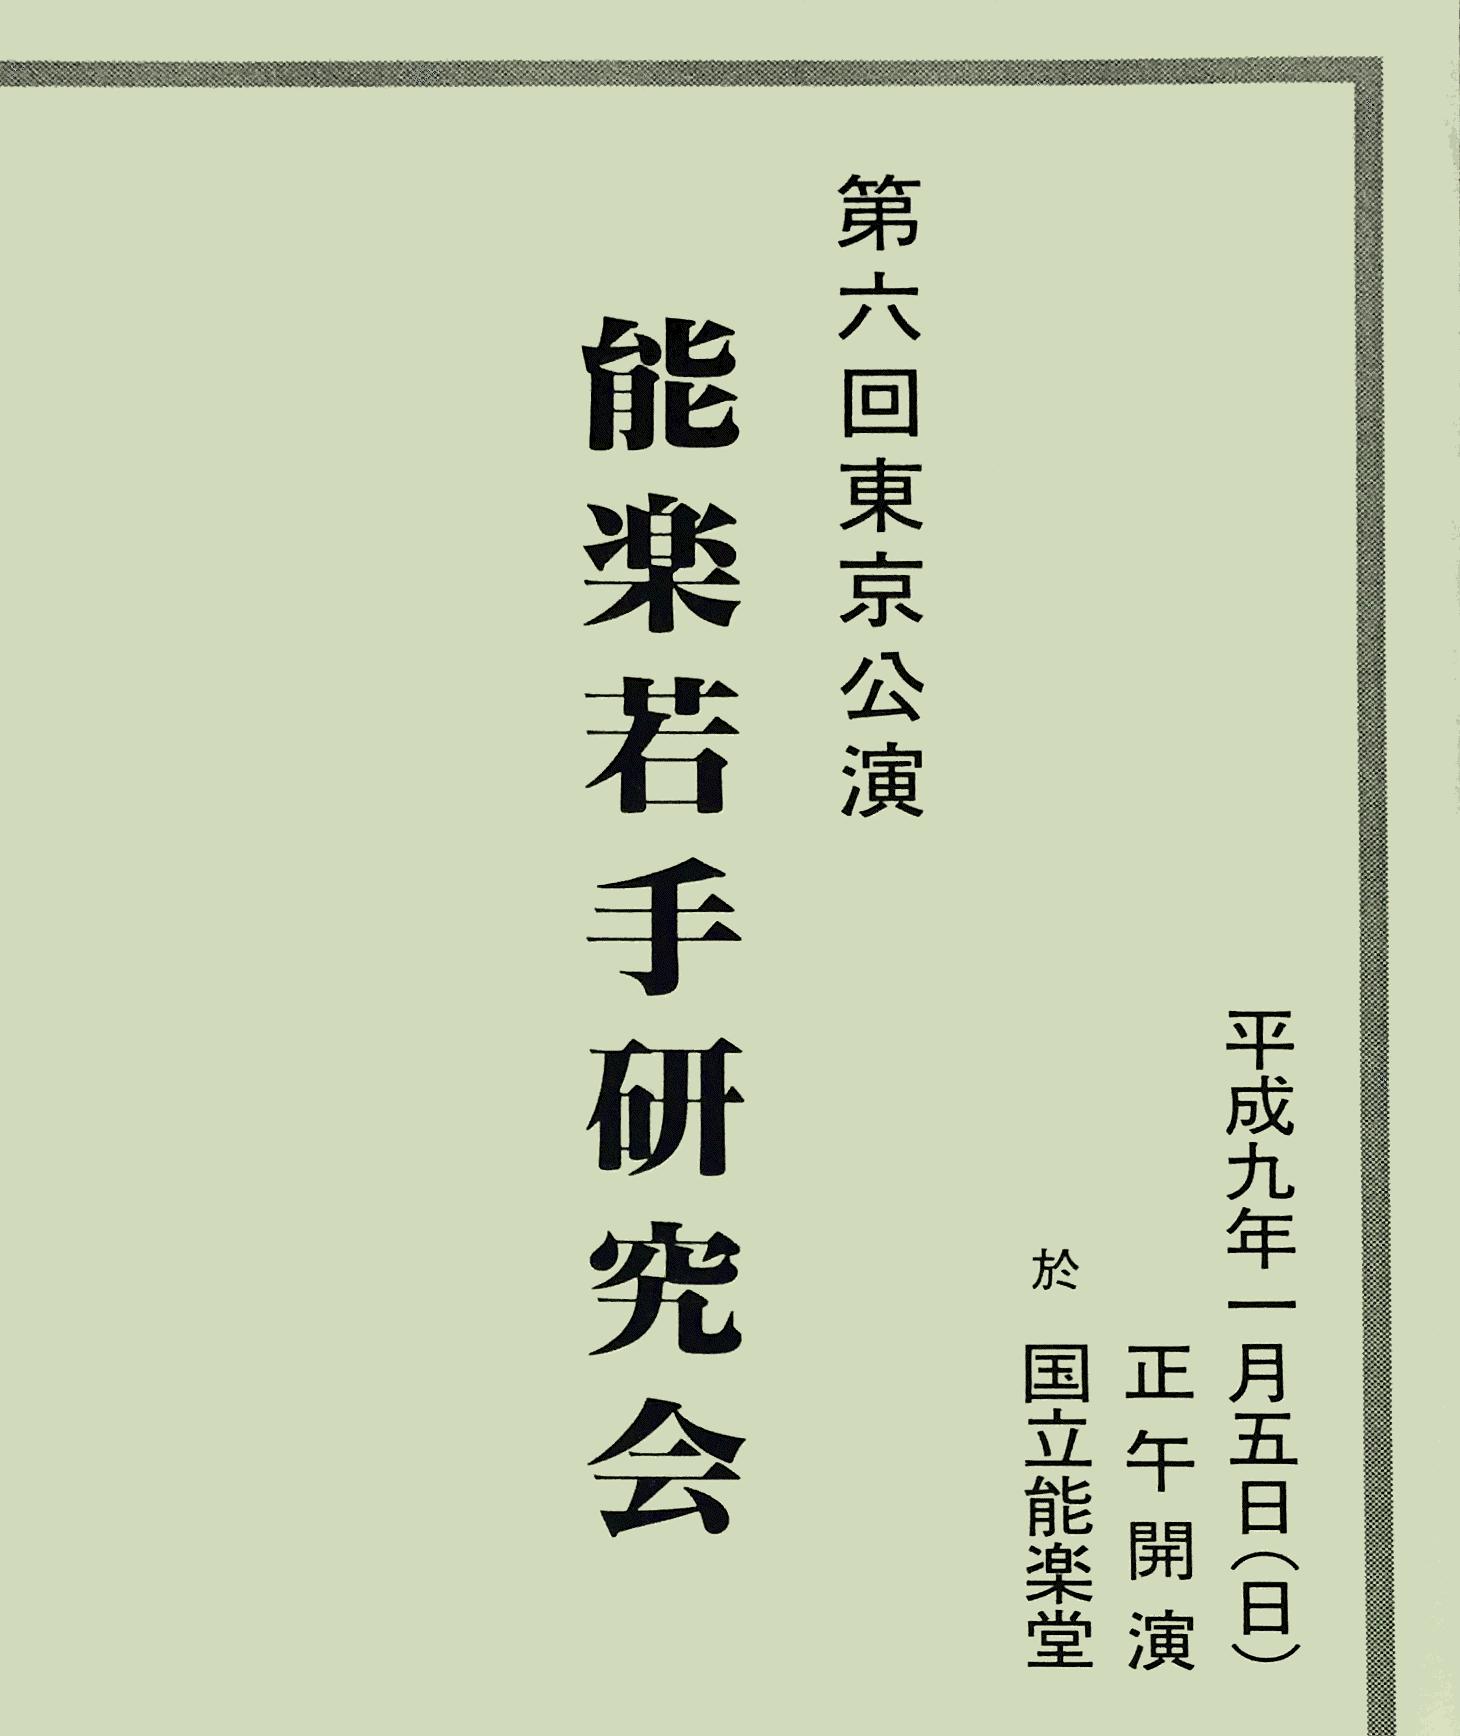 1997年1月7日 若手研究会東京公演